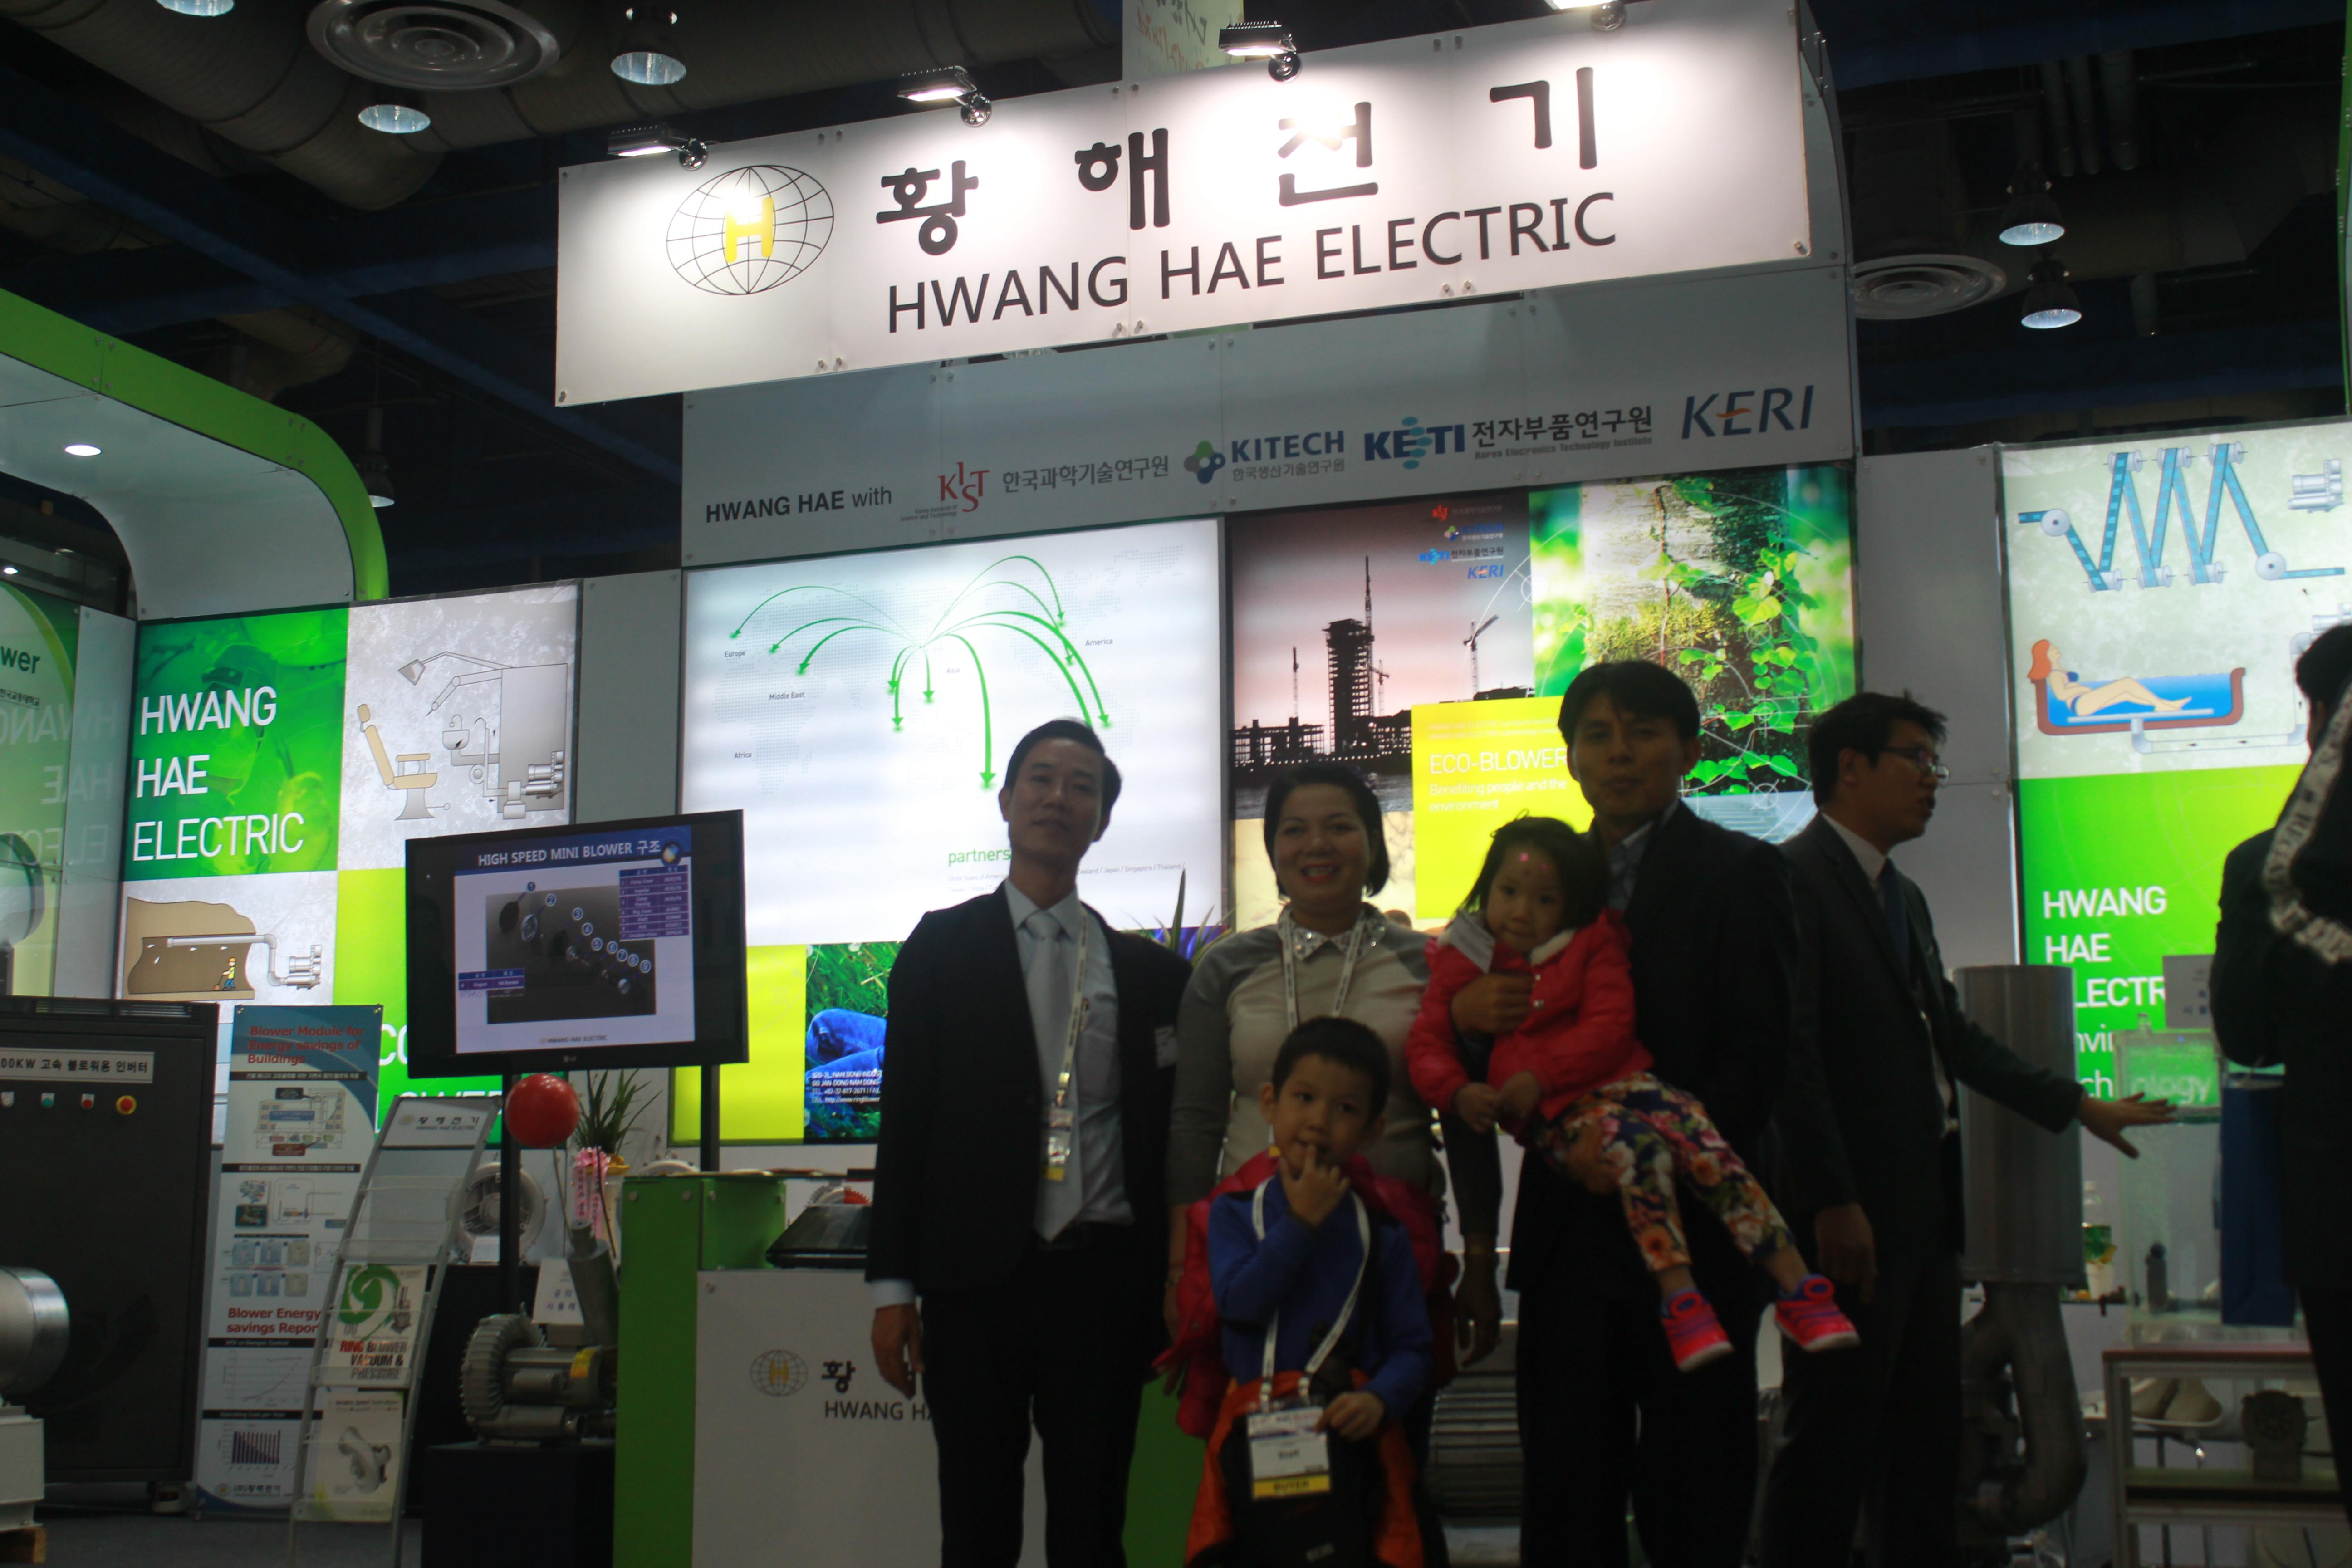 Lãnh đạo Fisco có chuyến thăm nhà máy Hwanghae Electric Namdong Gu , Incheon City , Korea